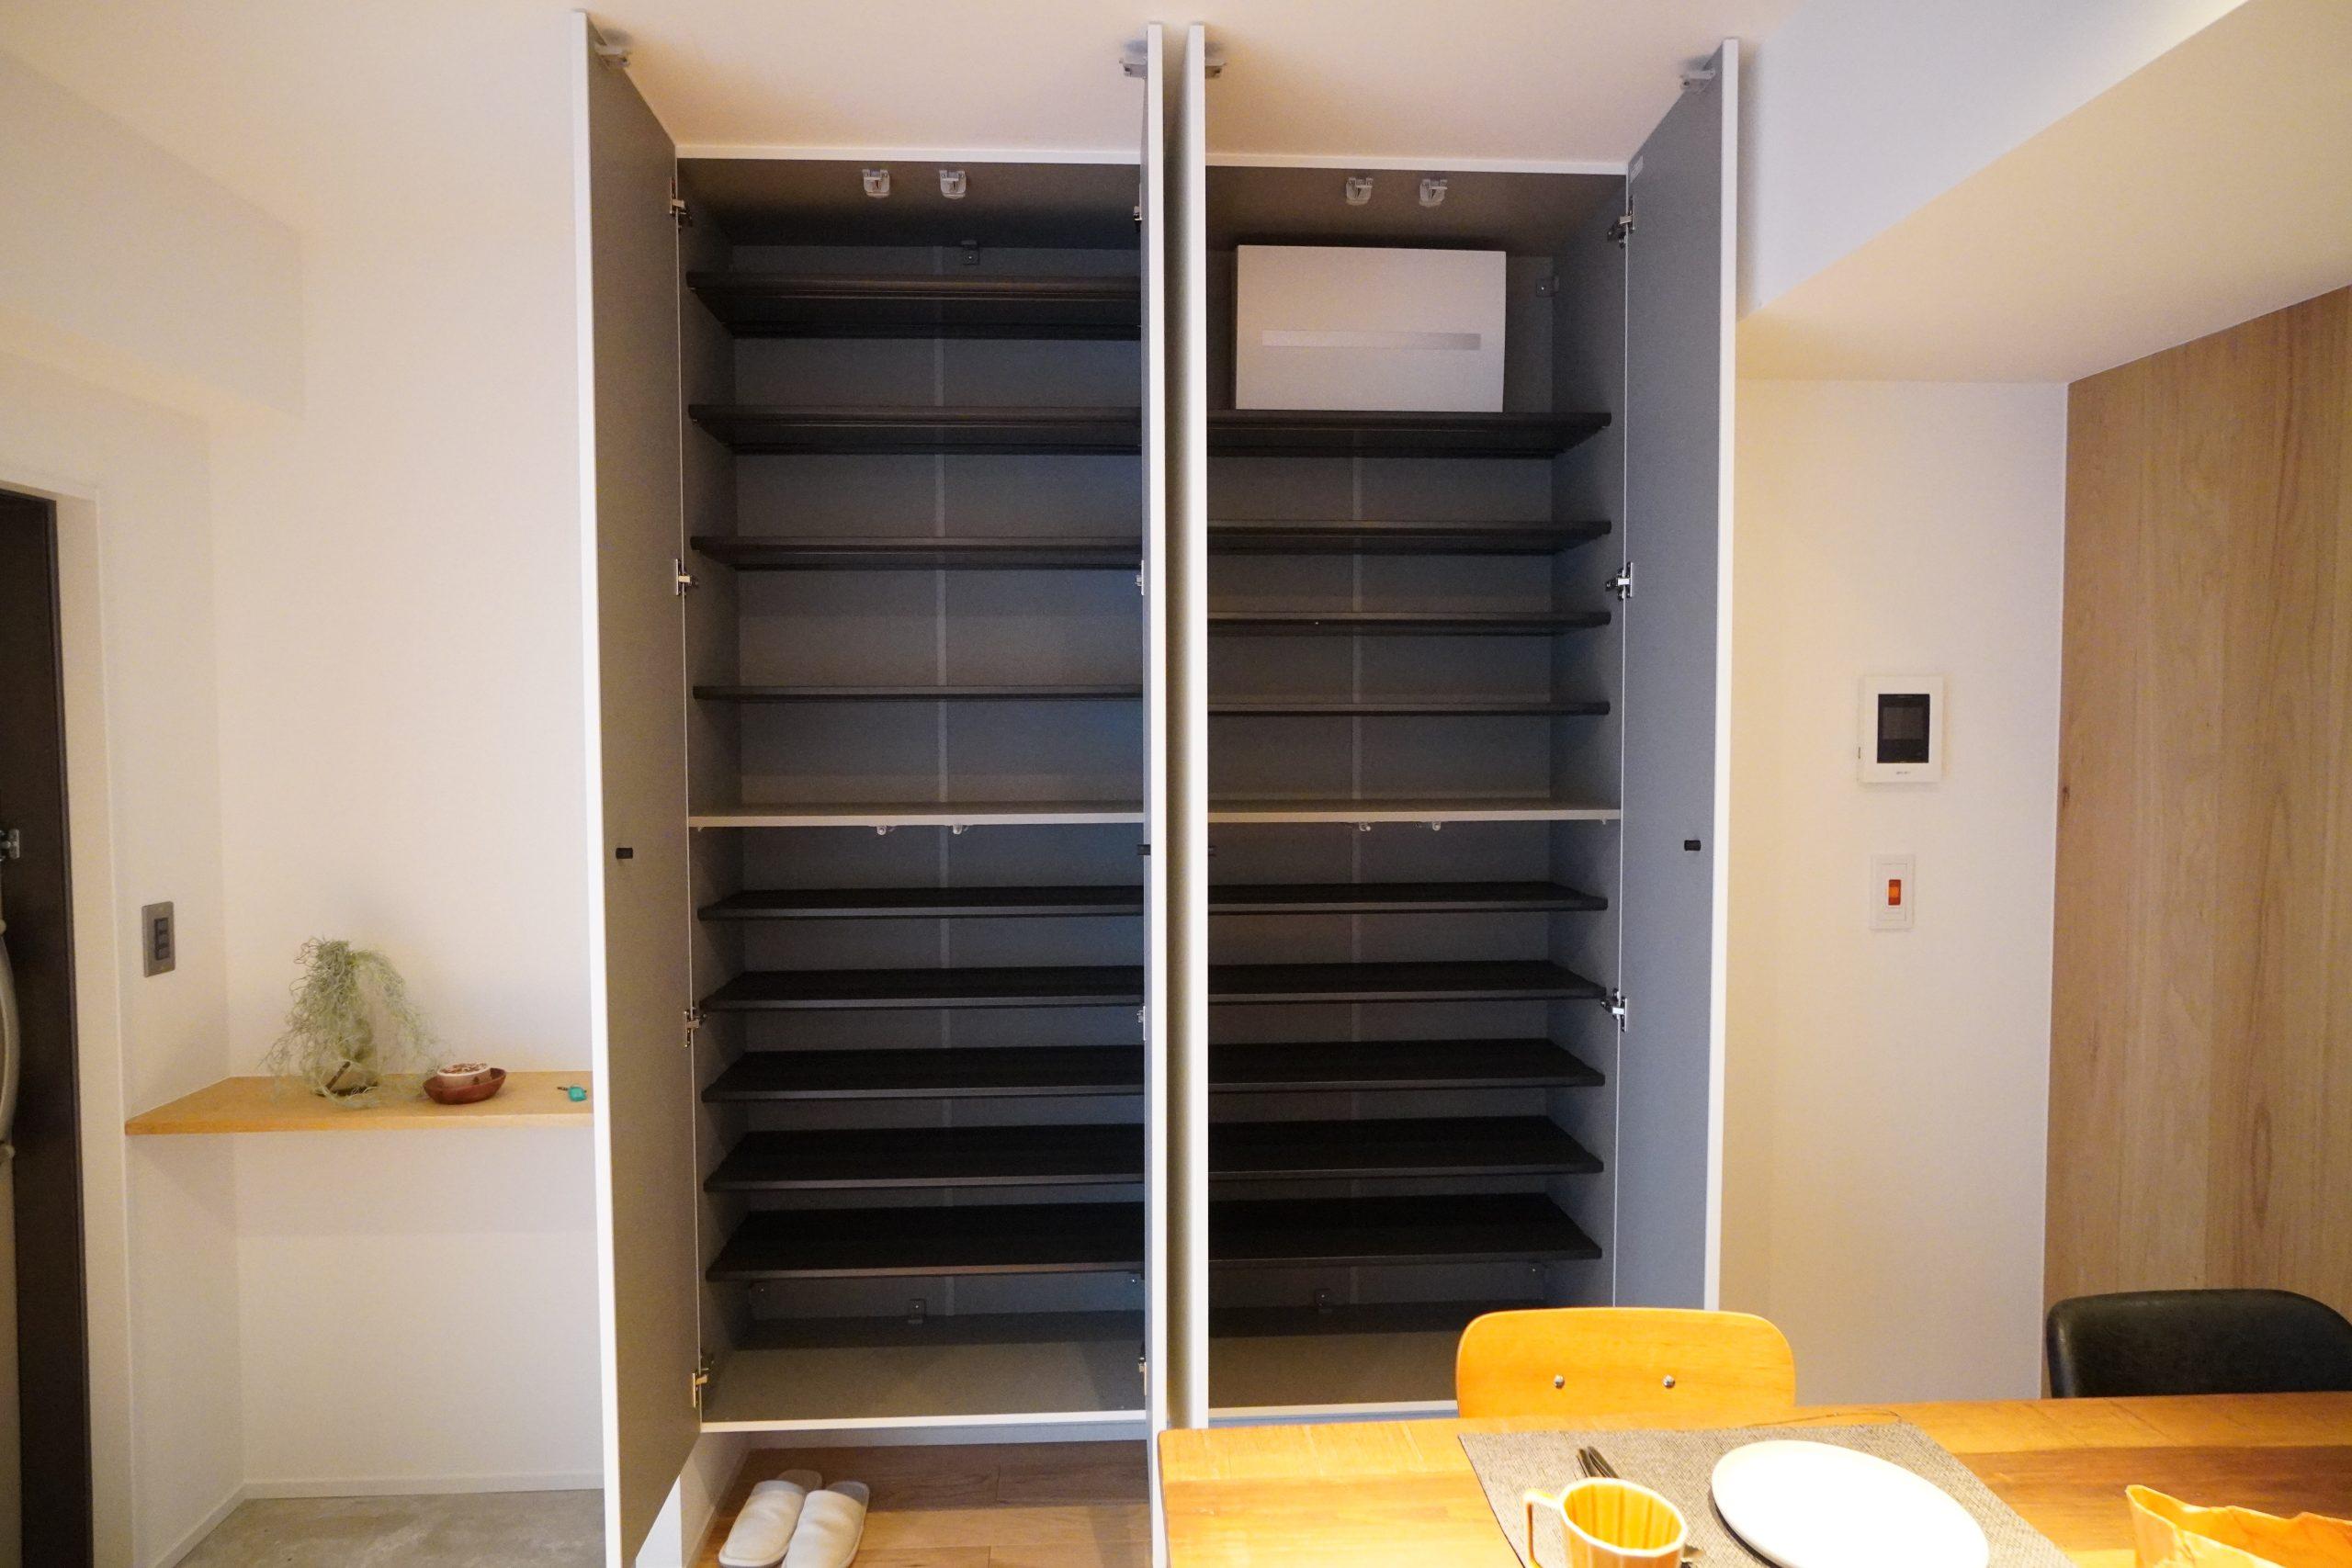 ハラダサンパークマンション恵比寿台の写真14